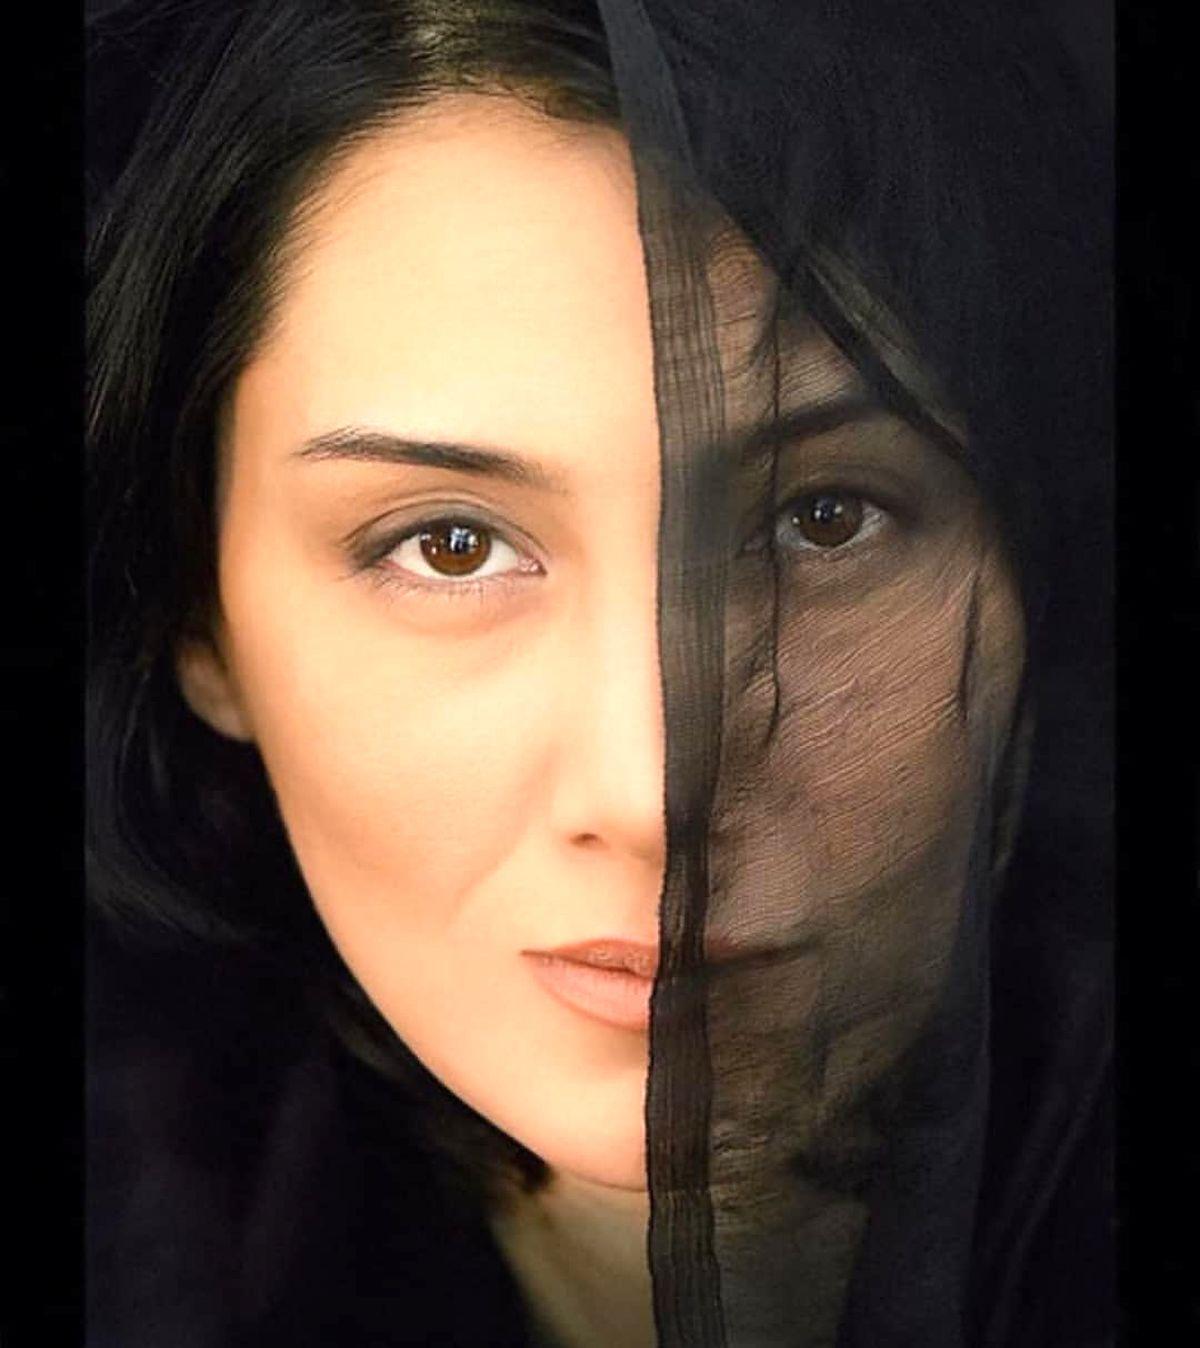 شباهت عجیب این خانوم بازیگر به هدیه تهرانی سوژه رسانه ها شد